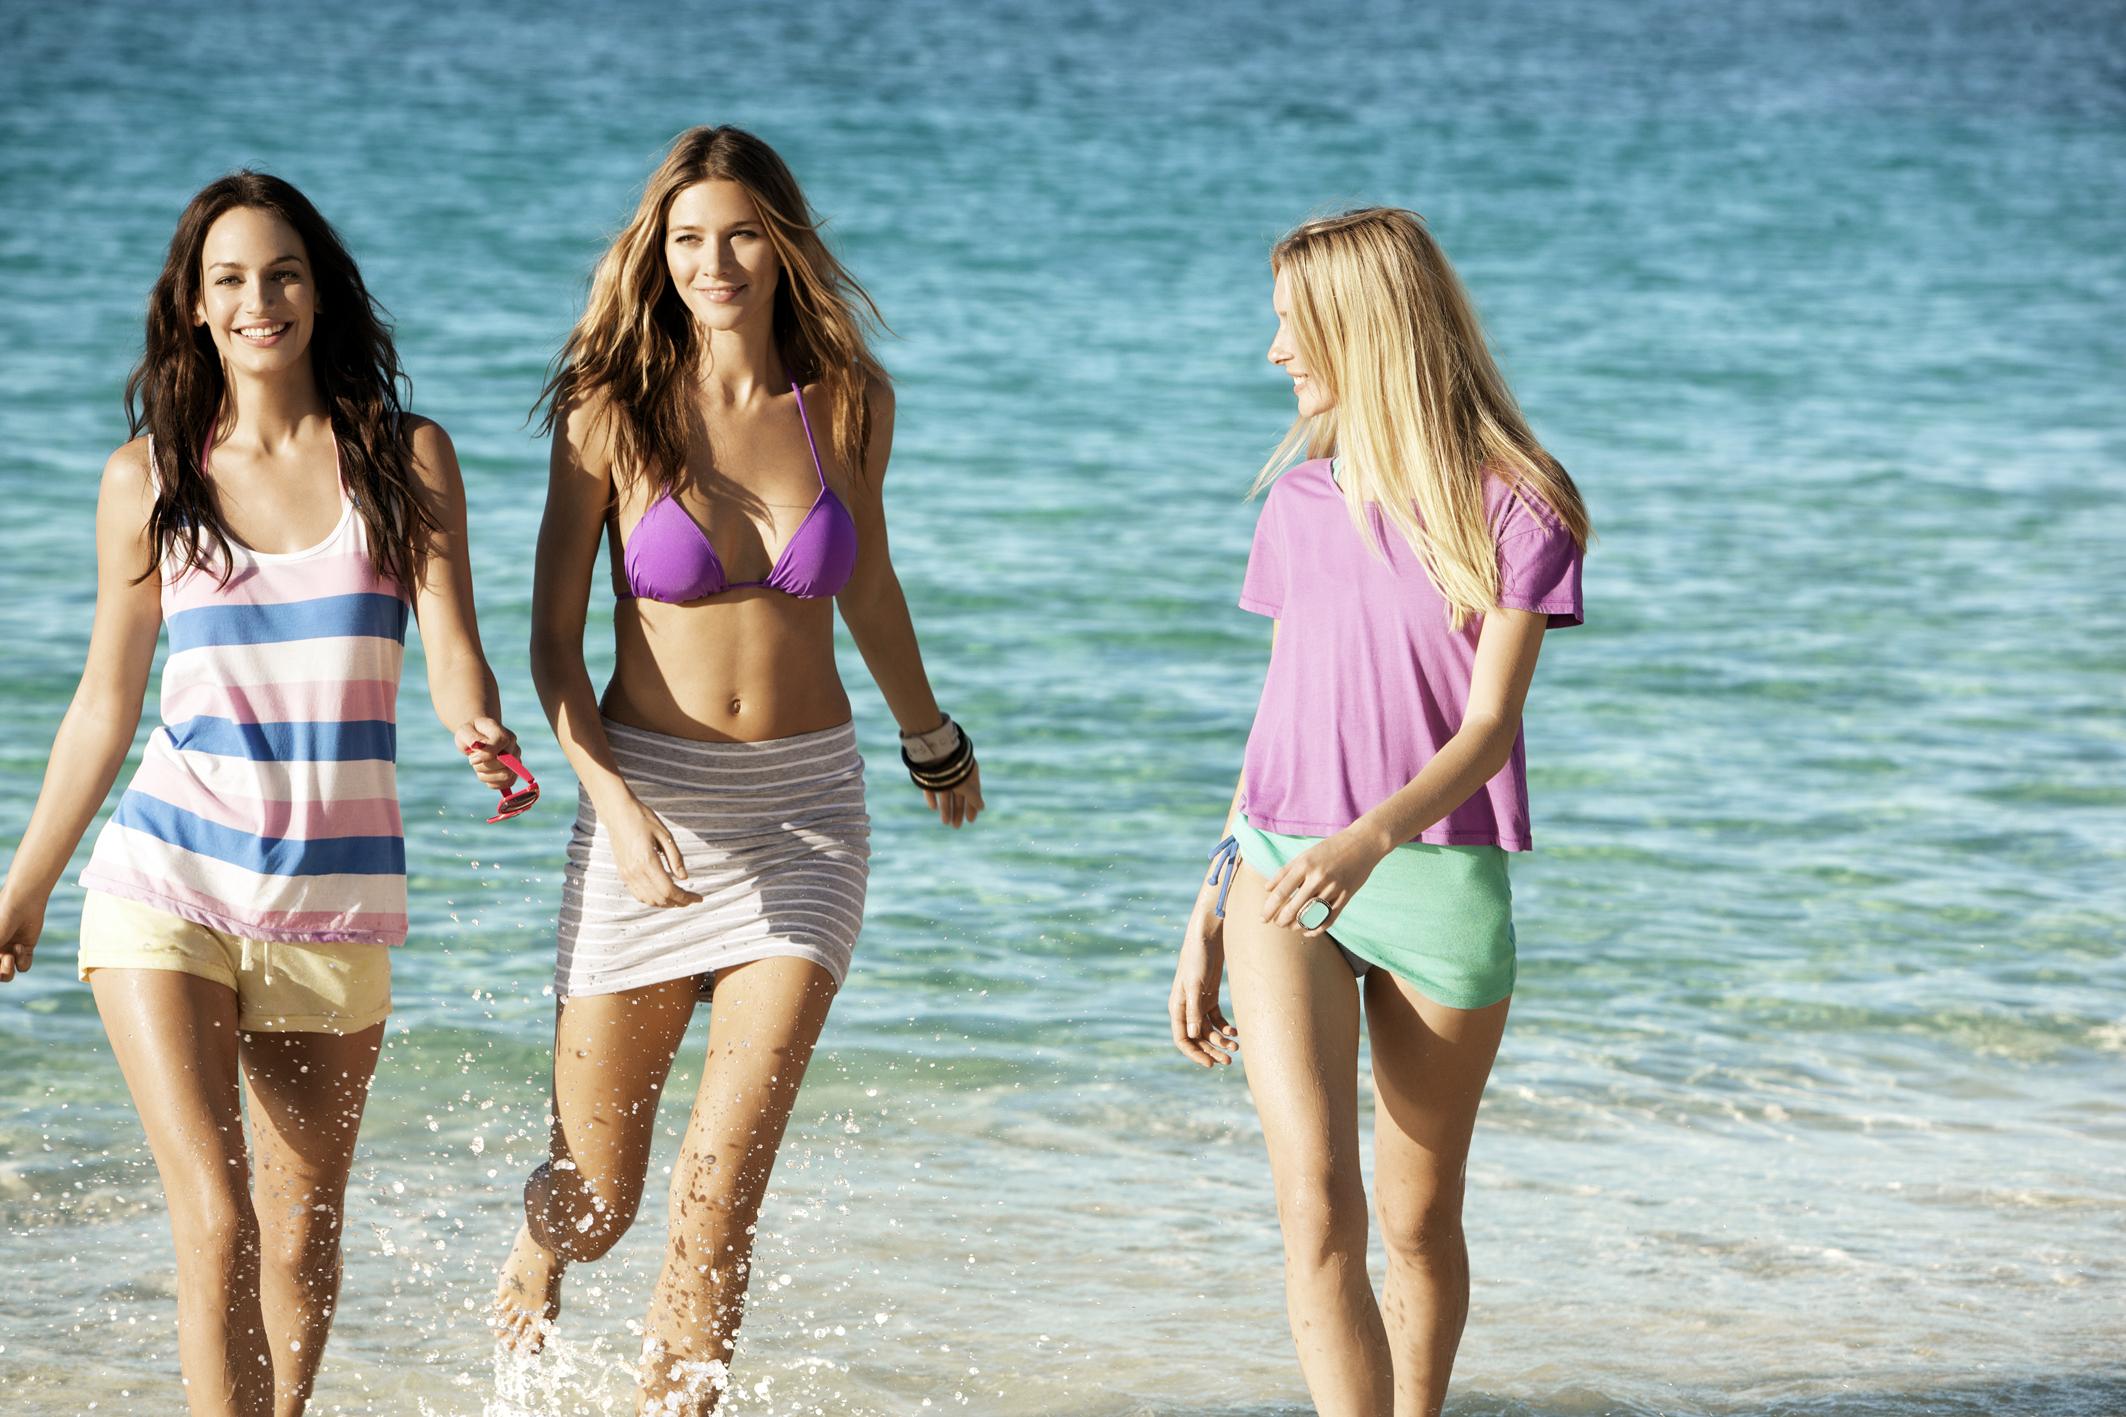 Солнце пляж девушки 11 фотография